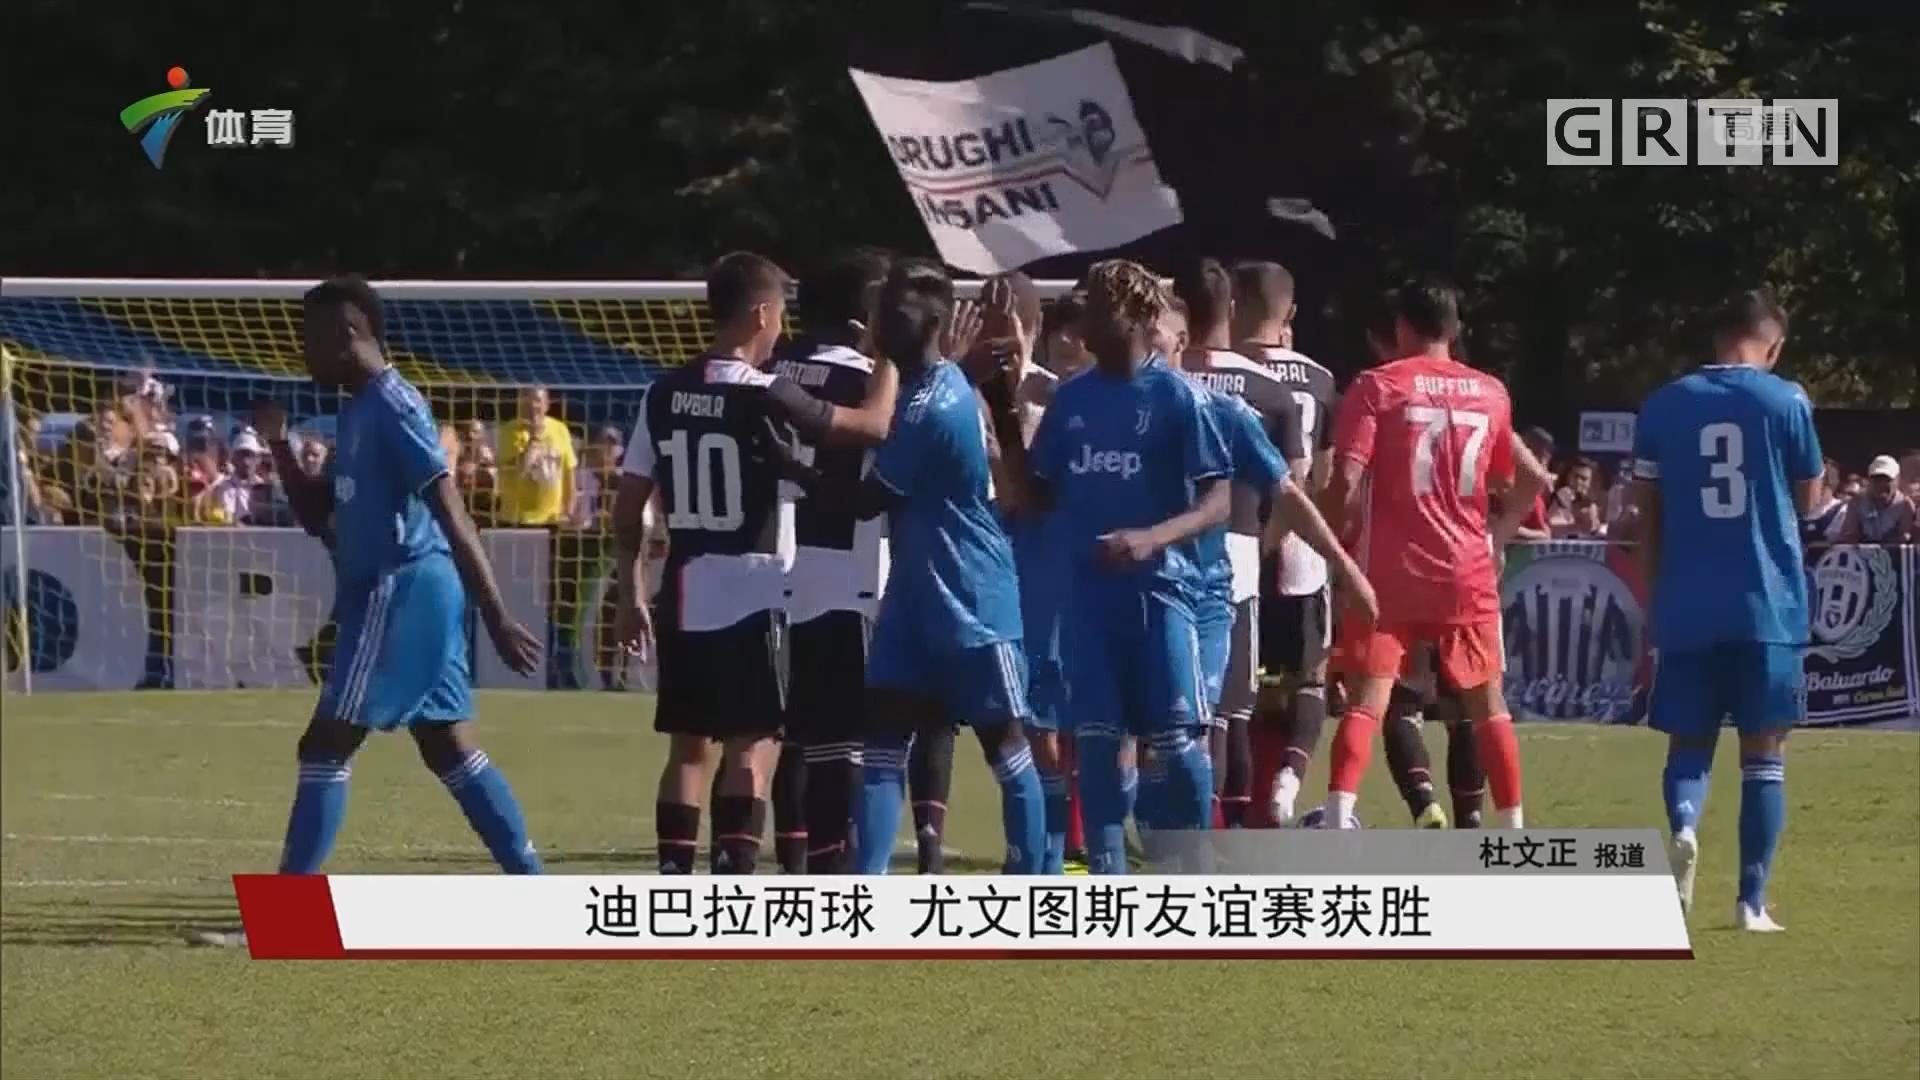 迪巴拉两球 尤文图斯友谊赛获胜